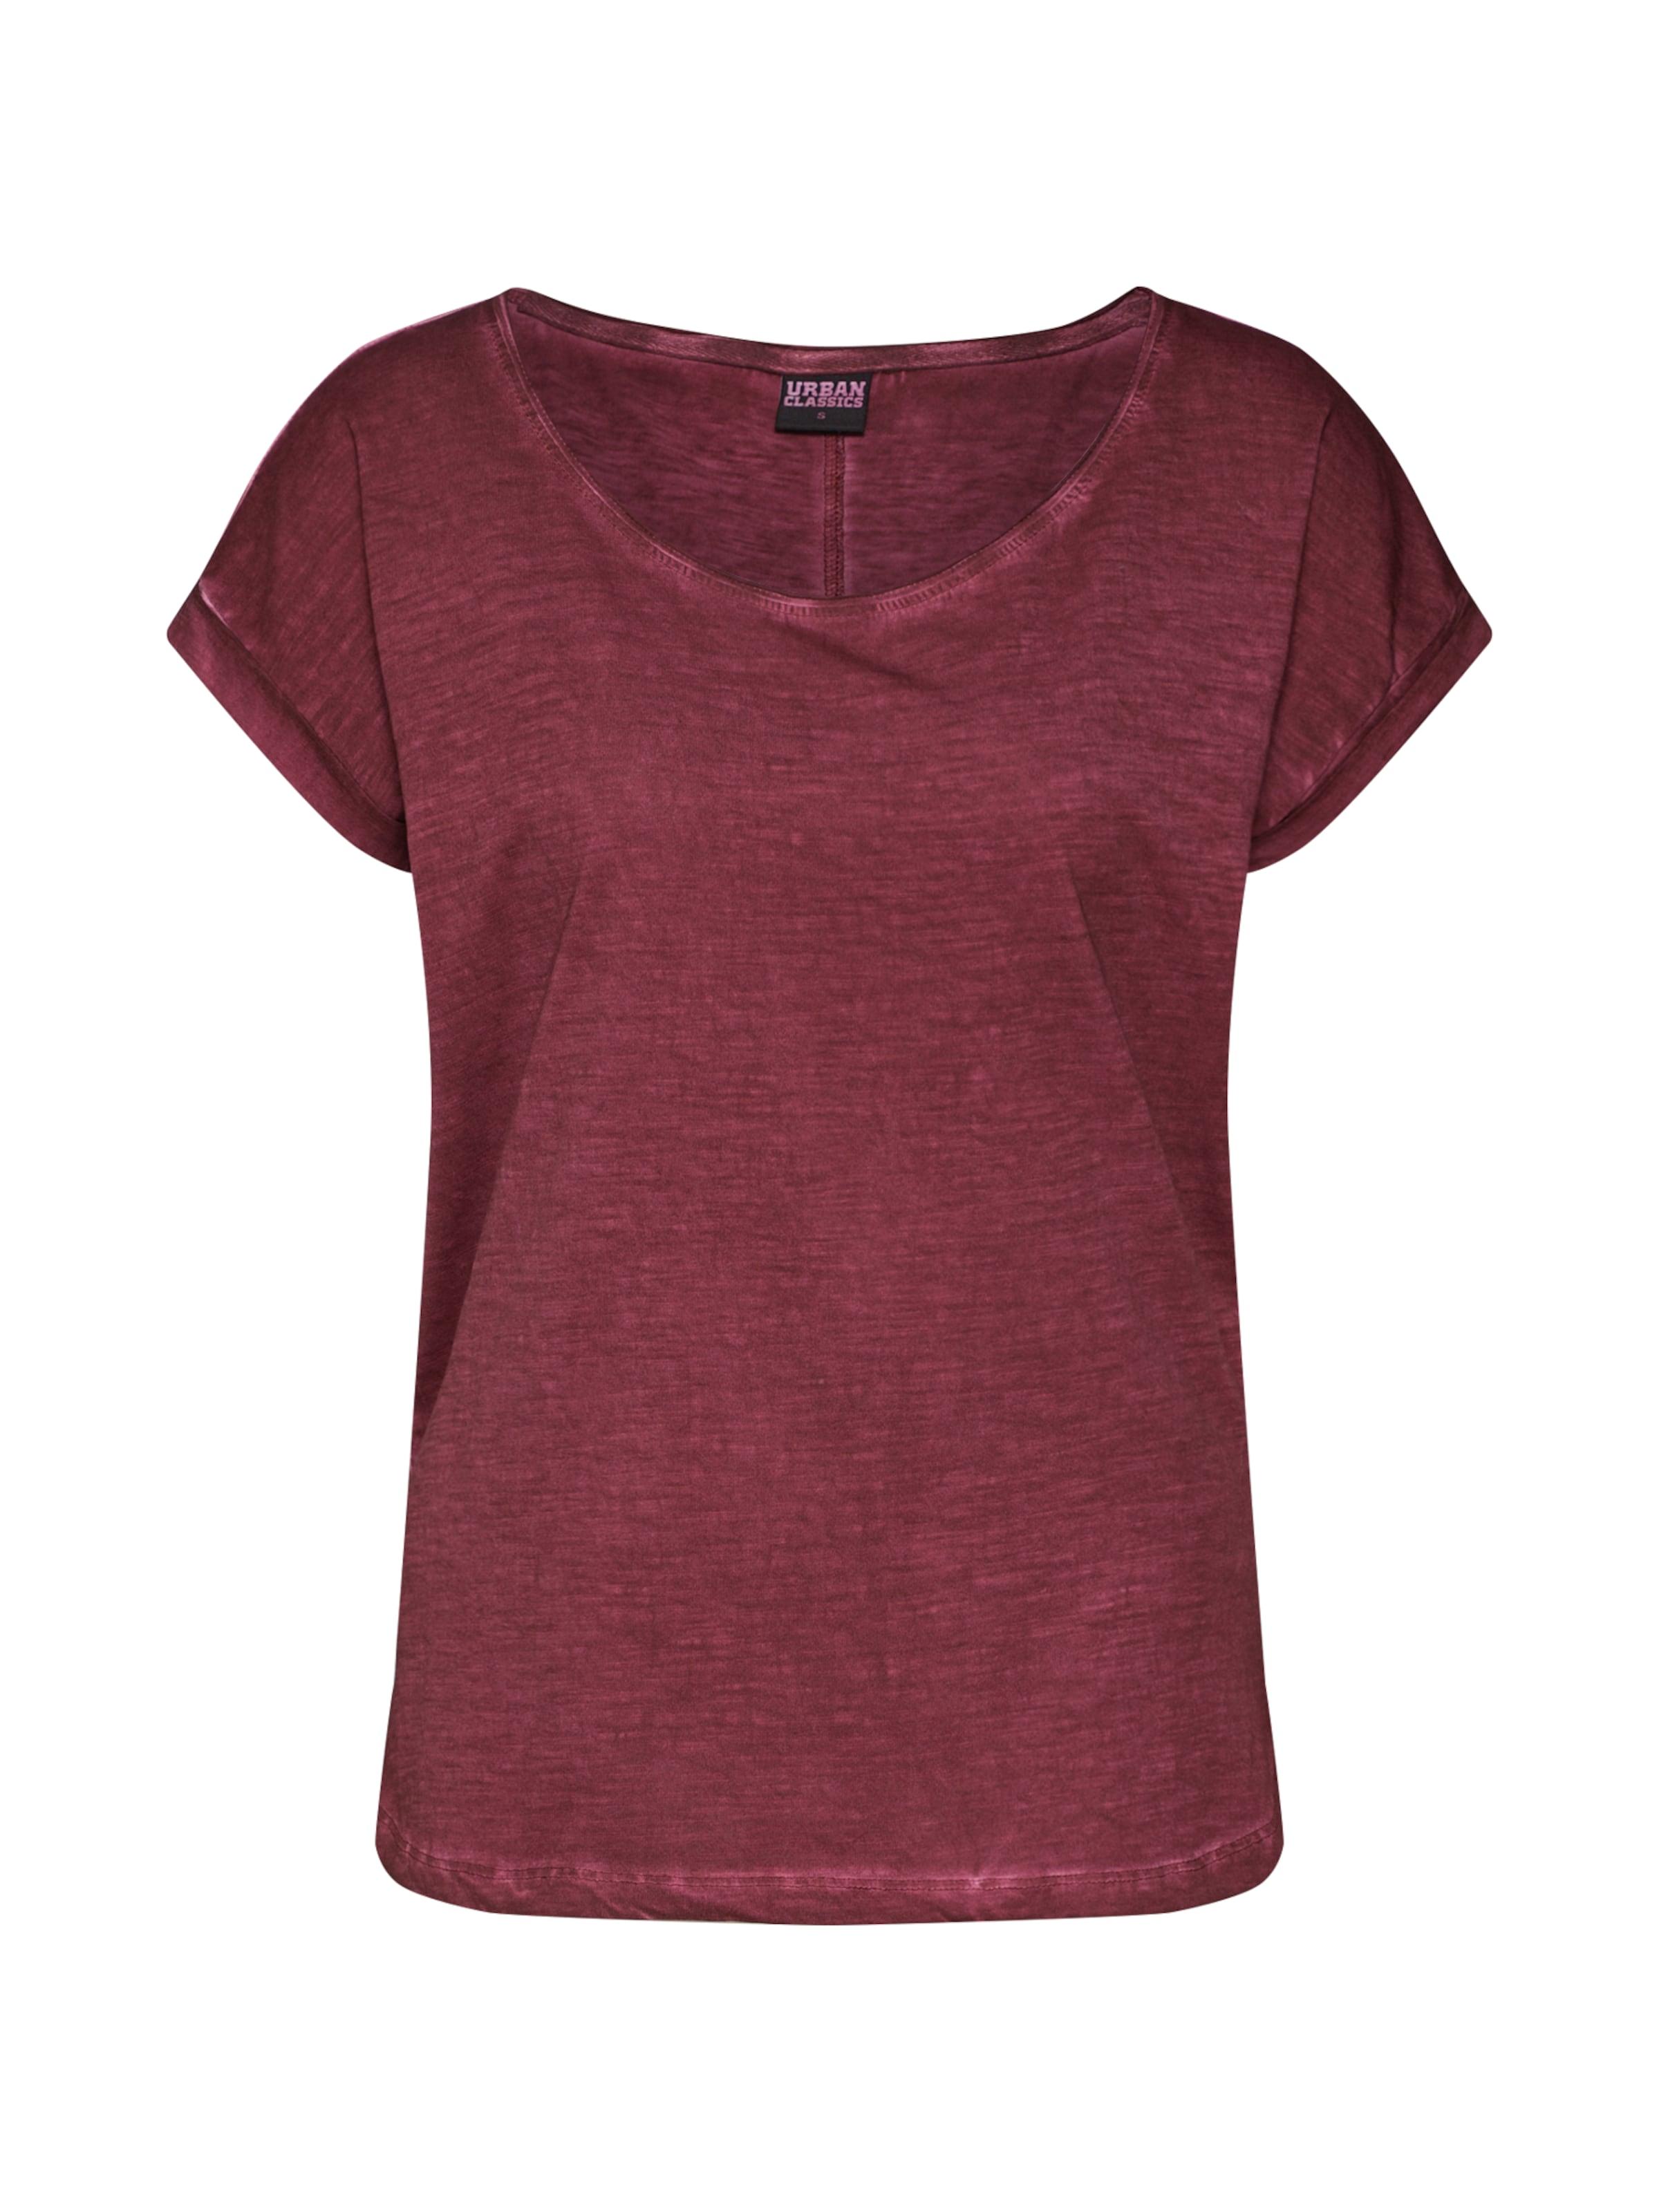 Burgunder Shirt Classics Urban Shirt In Urban Classics bfgv6Y7y